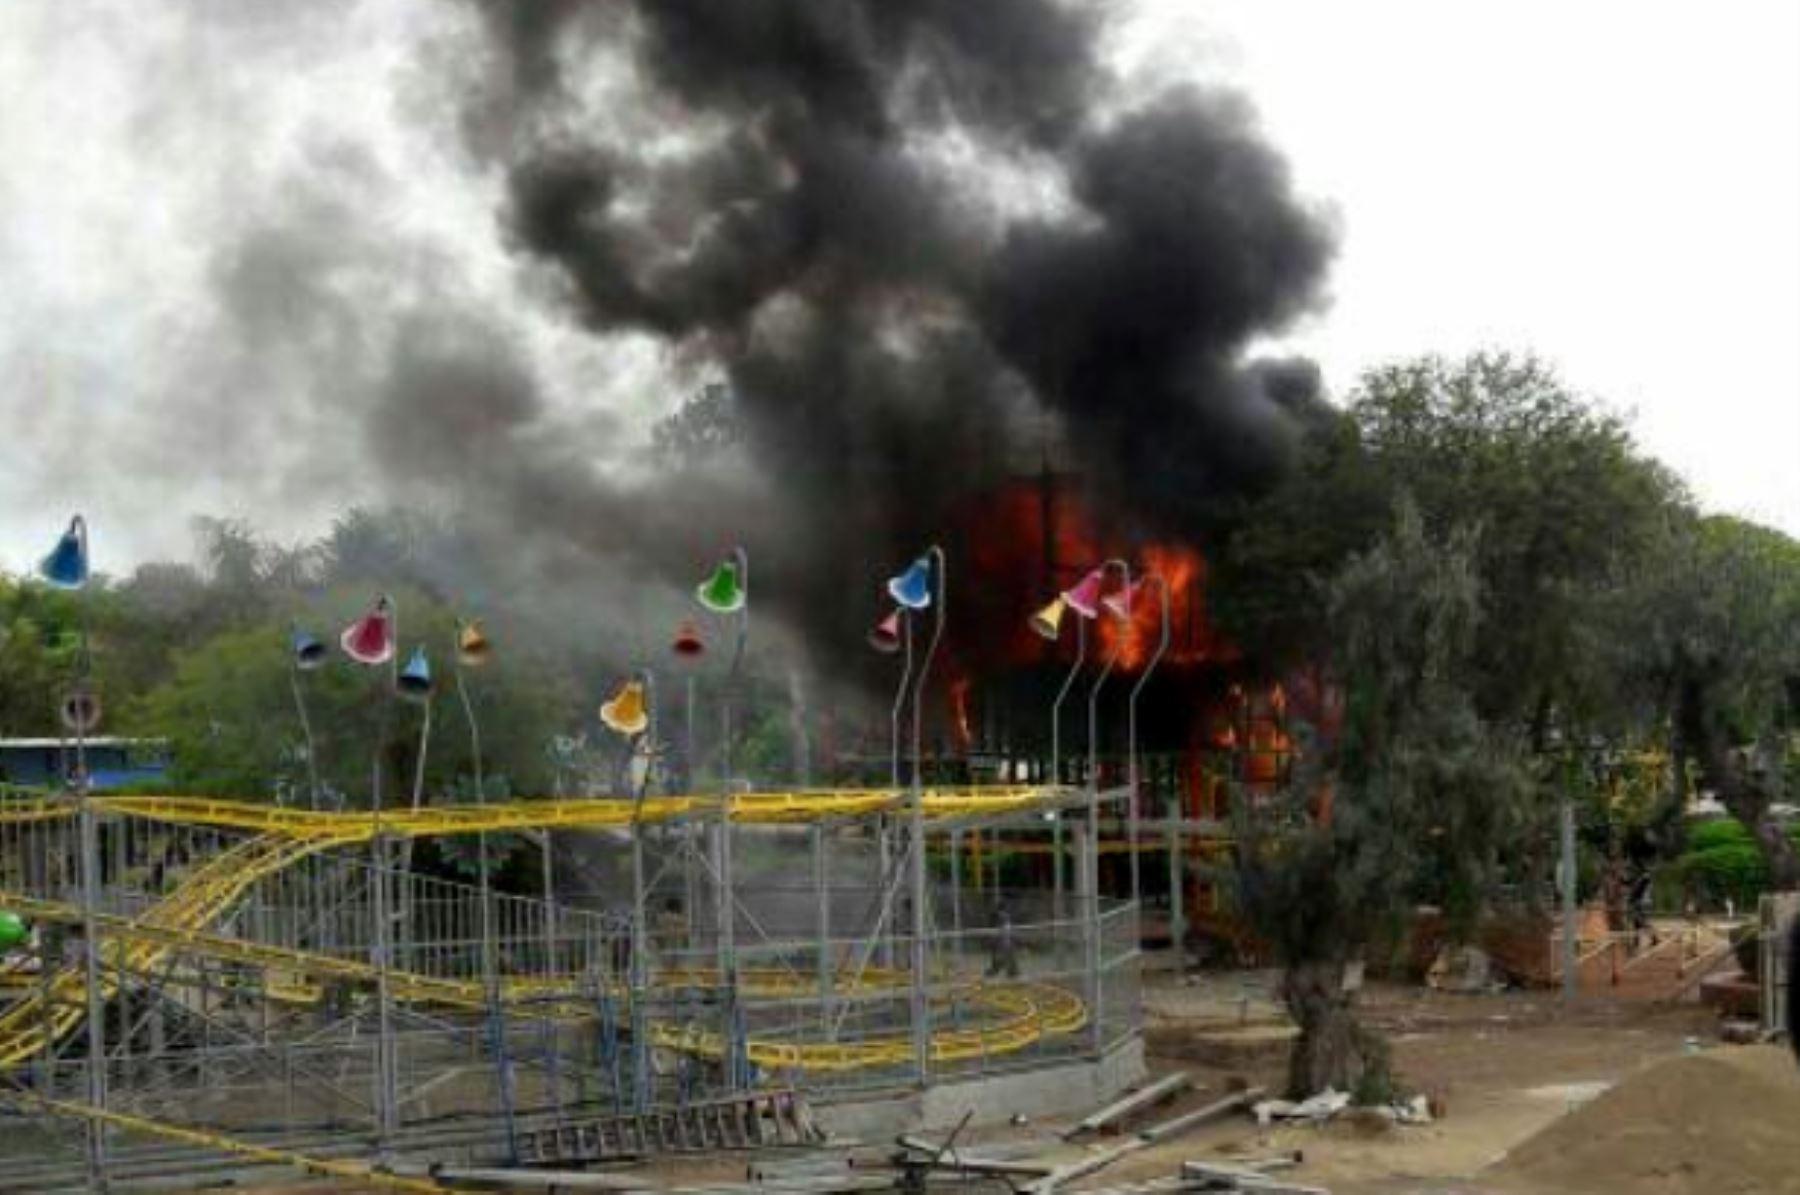 Incendio en Parque de las Leyendas no generó daños a animales